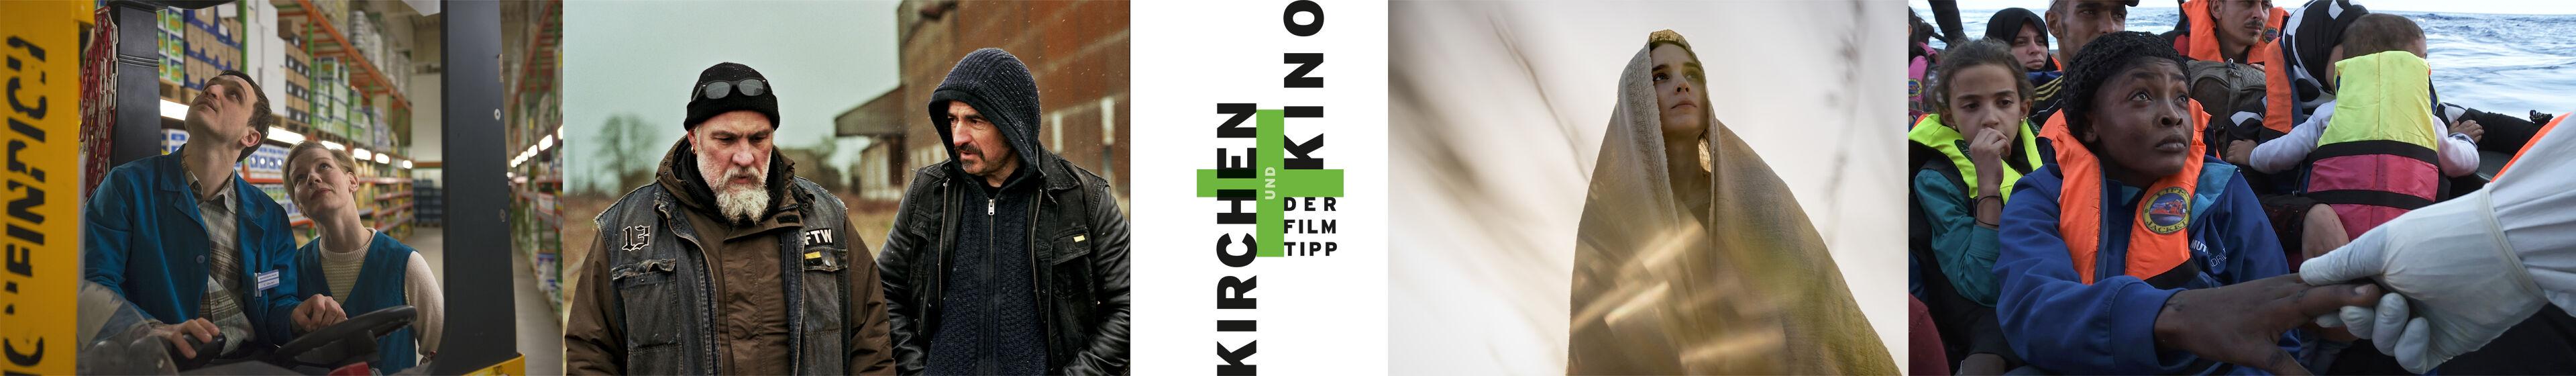 kopfgrafik-filme-2 mit Logo